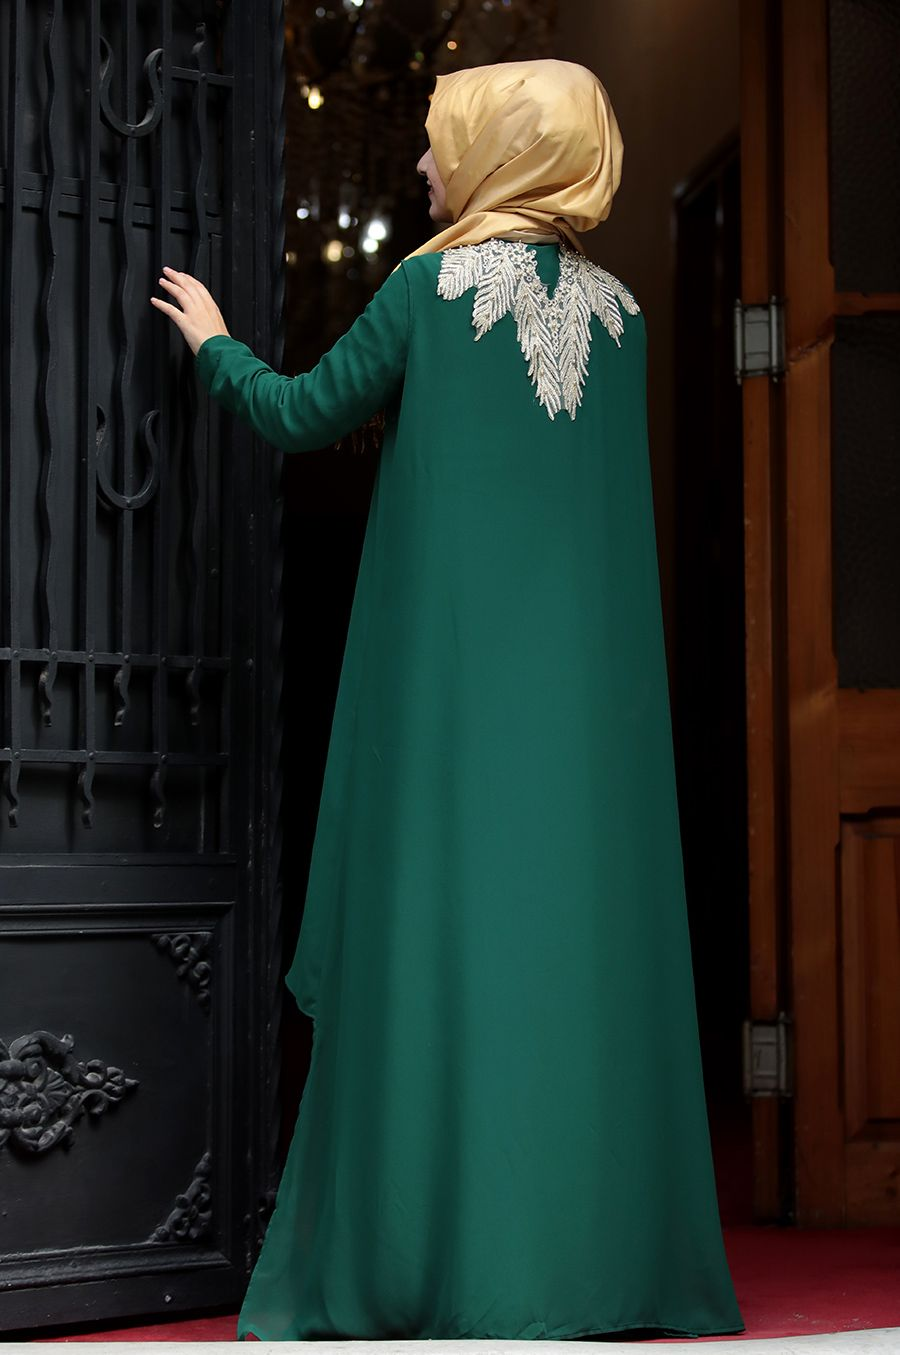 Sumay Moda Zumra Abiye Zumrut Musluman Modasi Moda Moda Stilleri